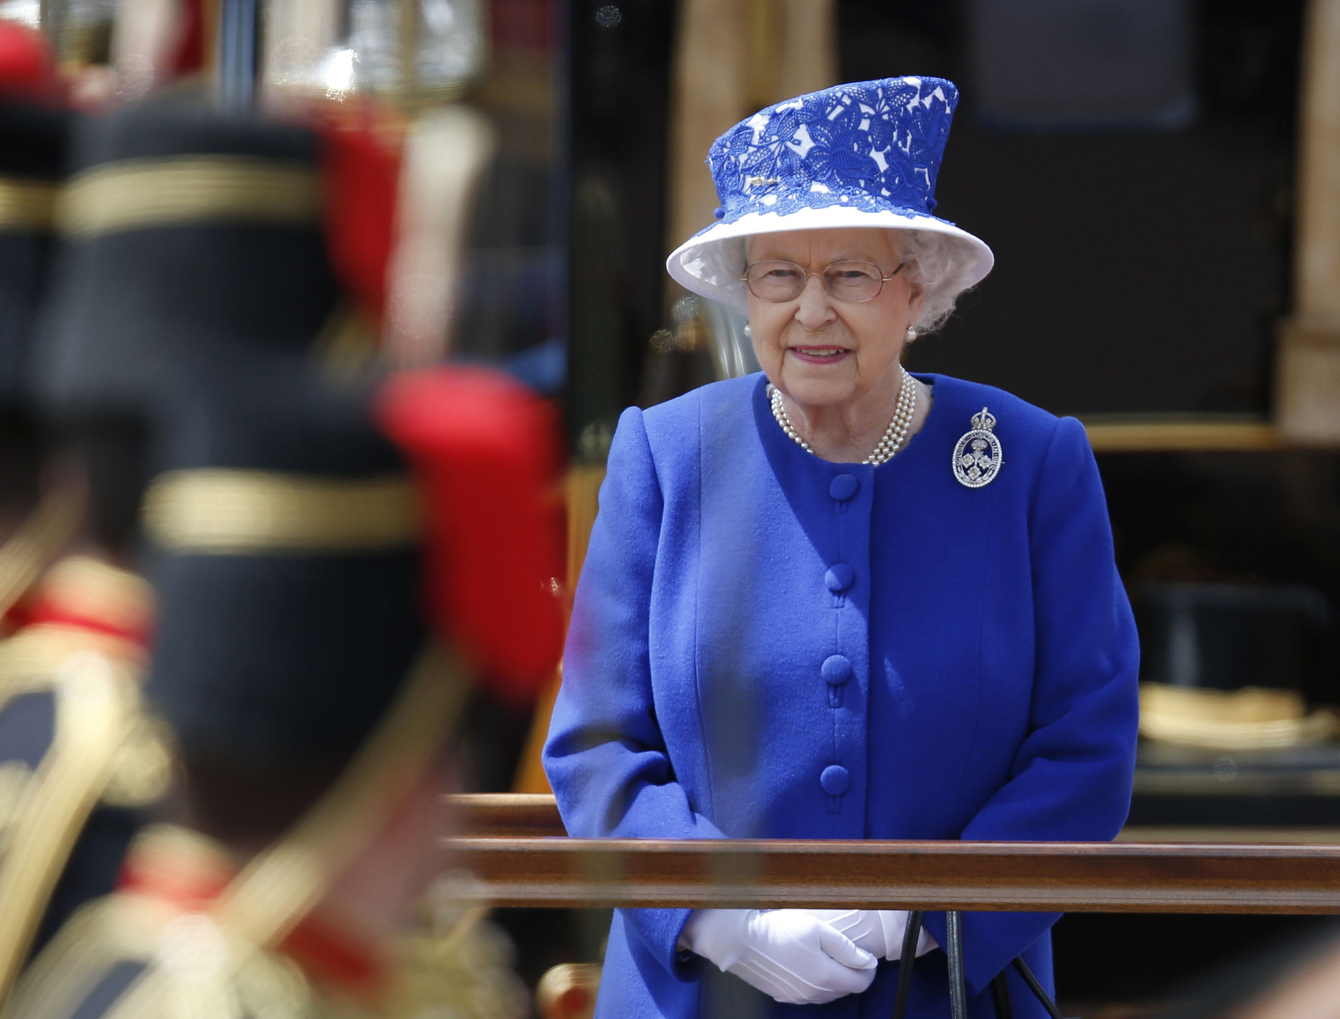 حارس ملكة بريطانيا يصوب سلاحه نحوها ظنا منه أنها لص متسلل